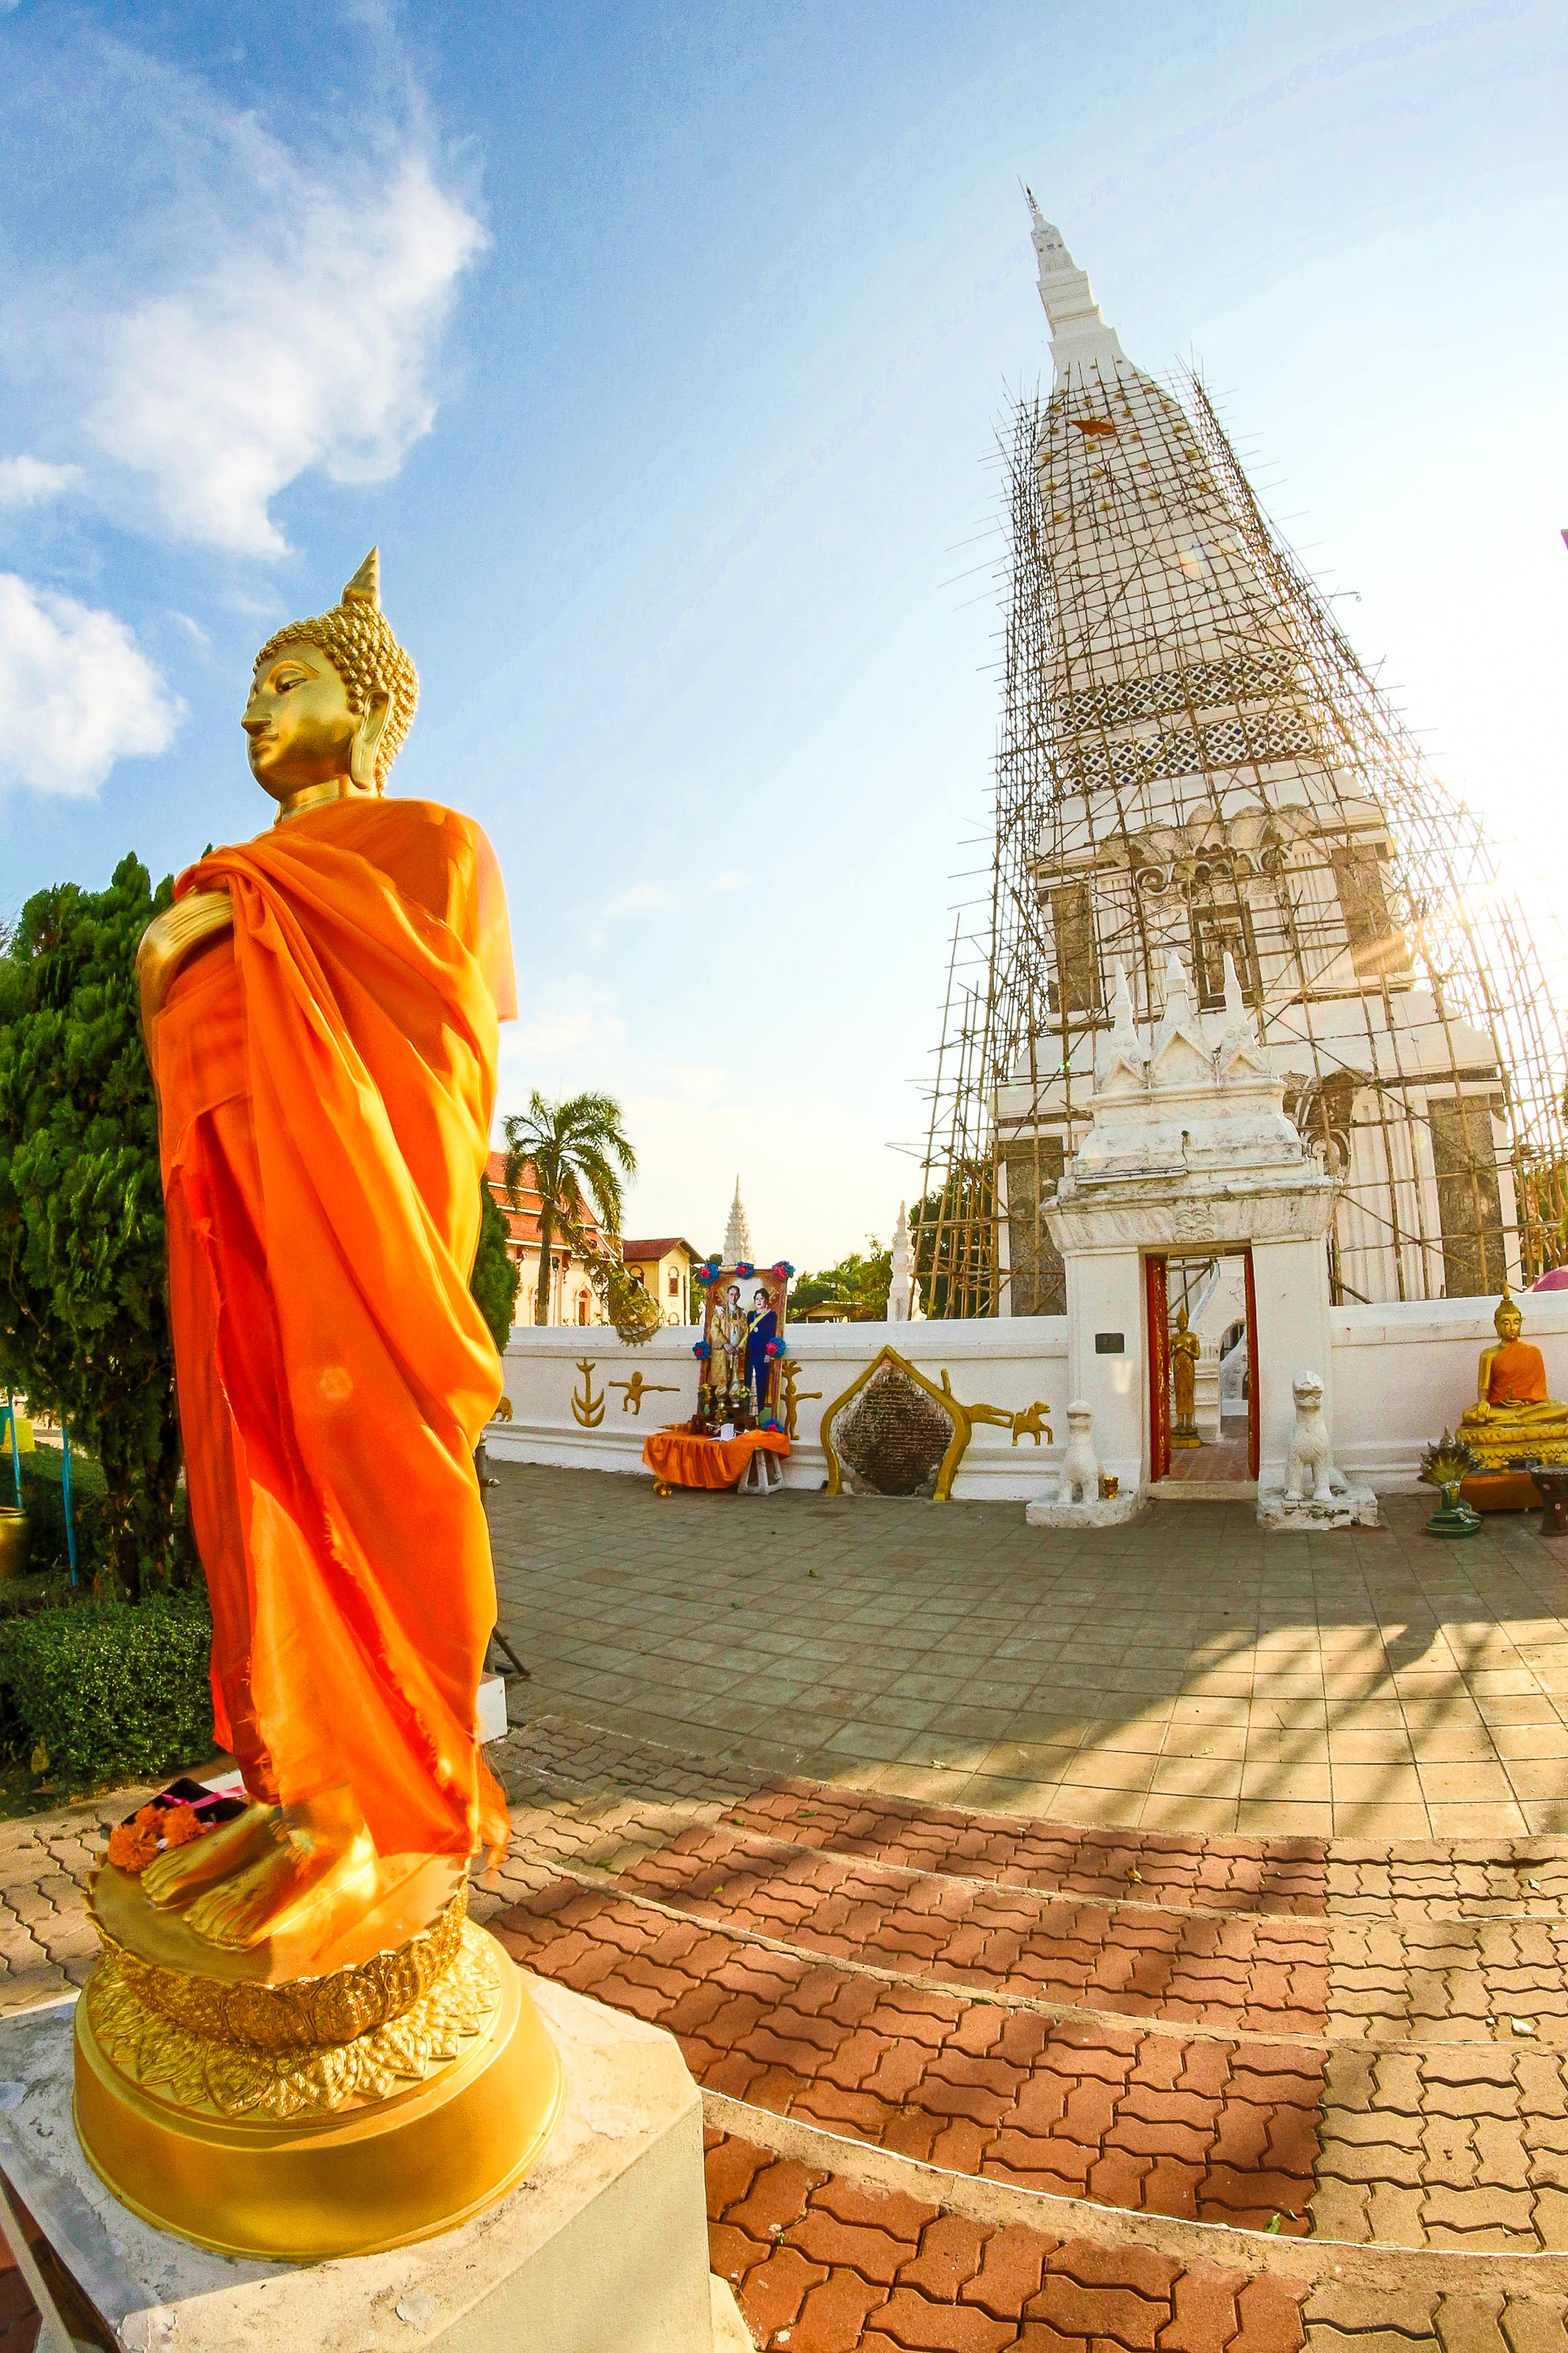 Free Images Buddhism Statue Asia Religion Buddha Background